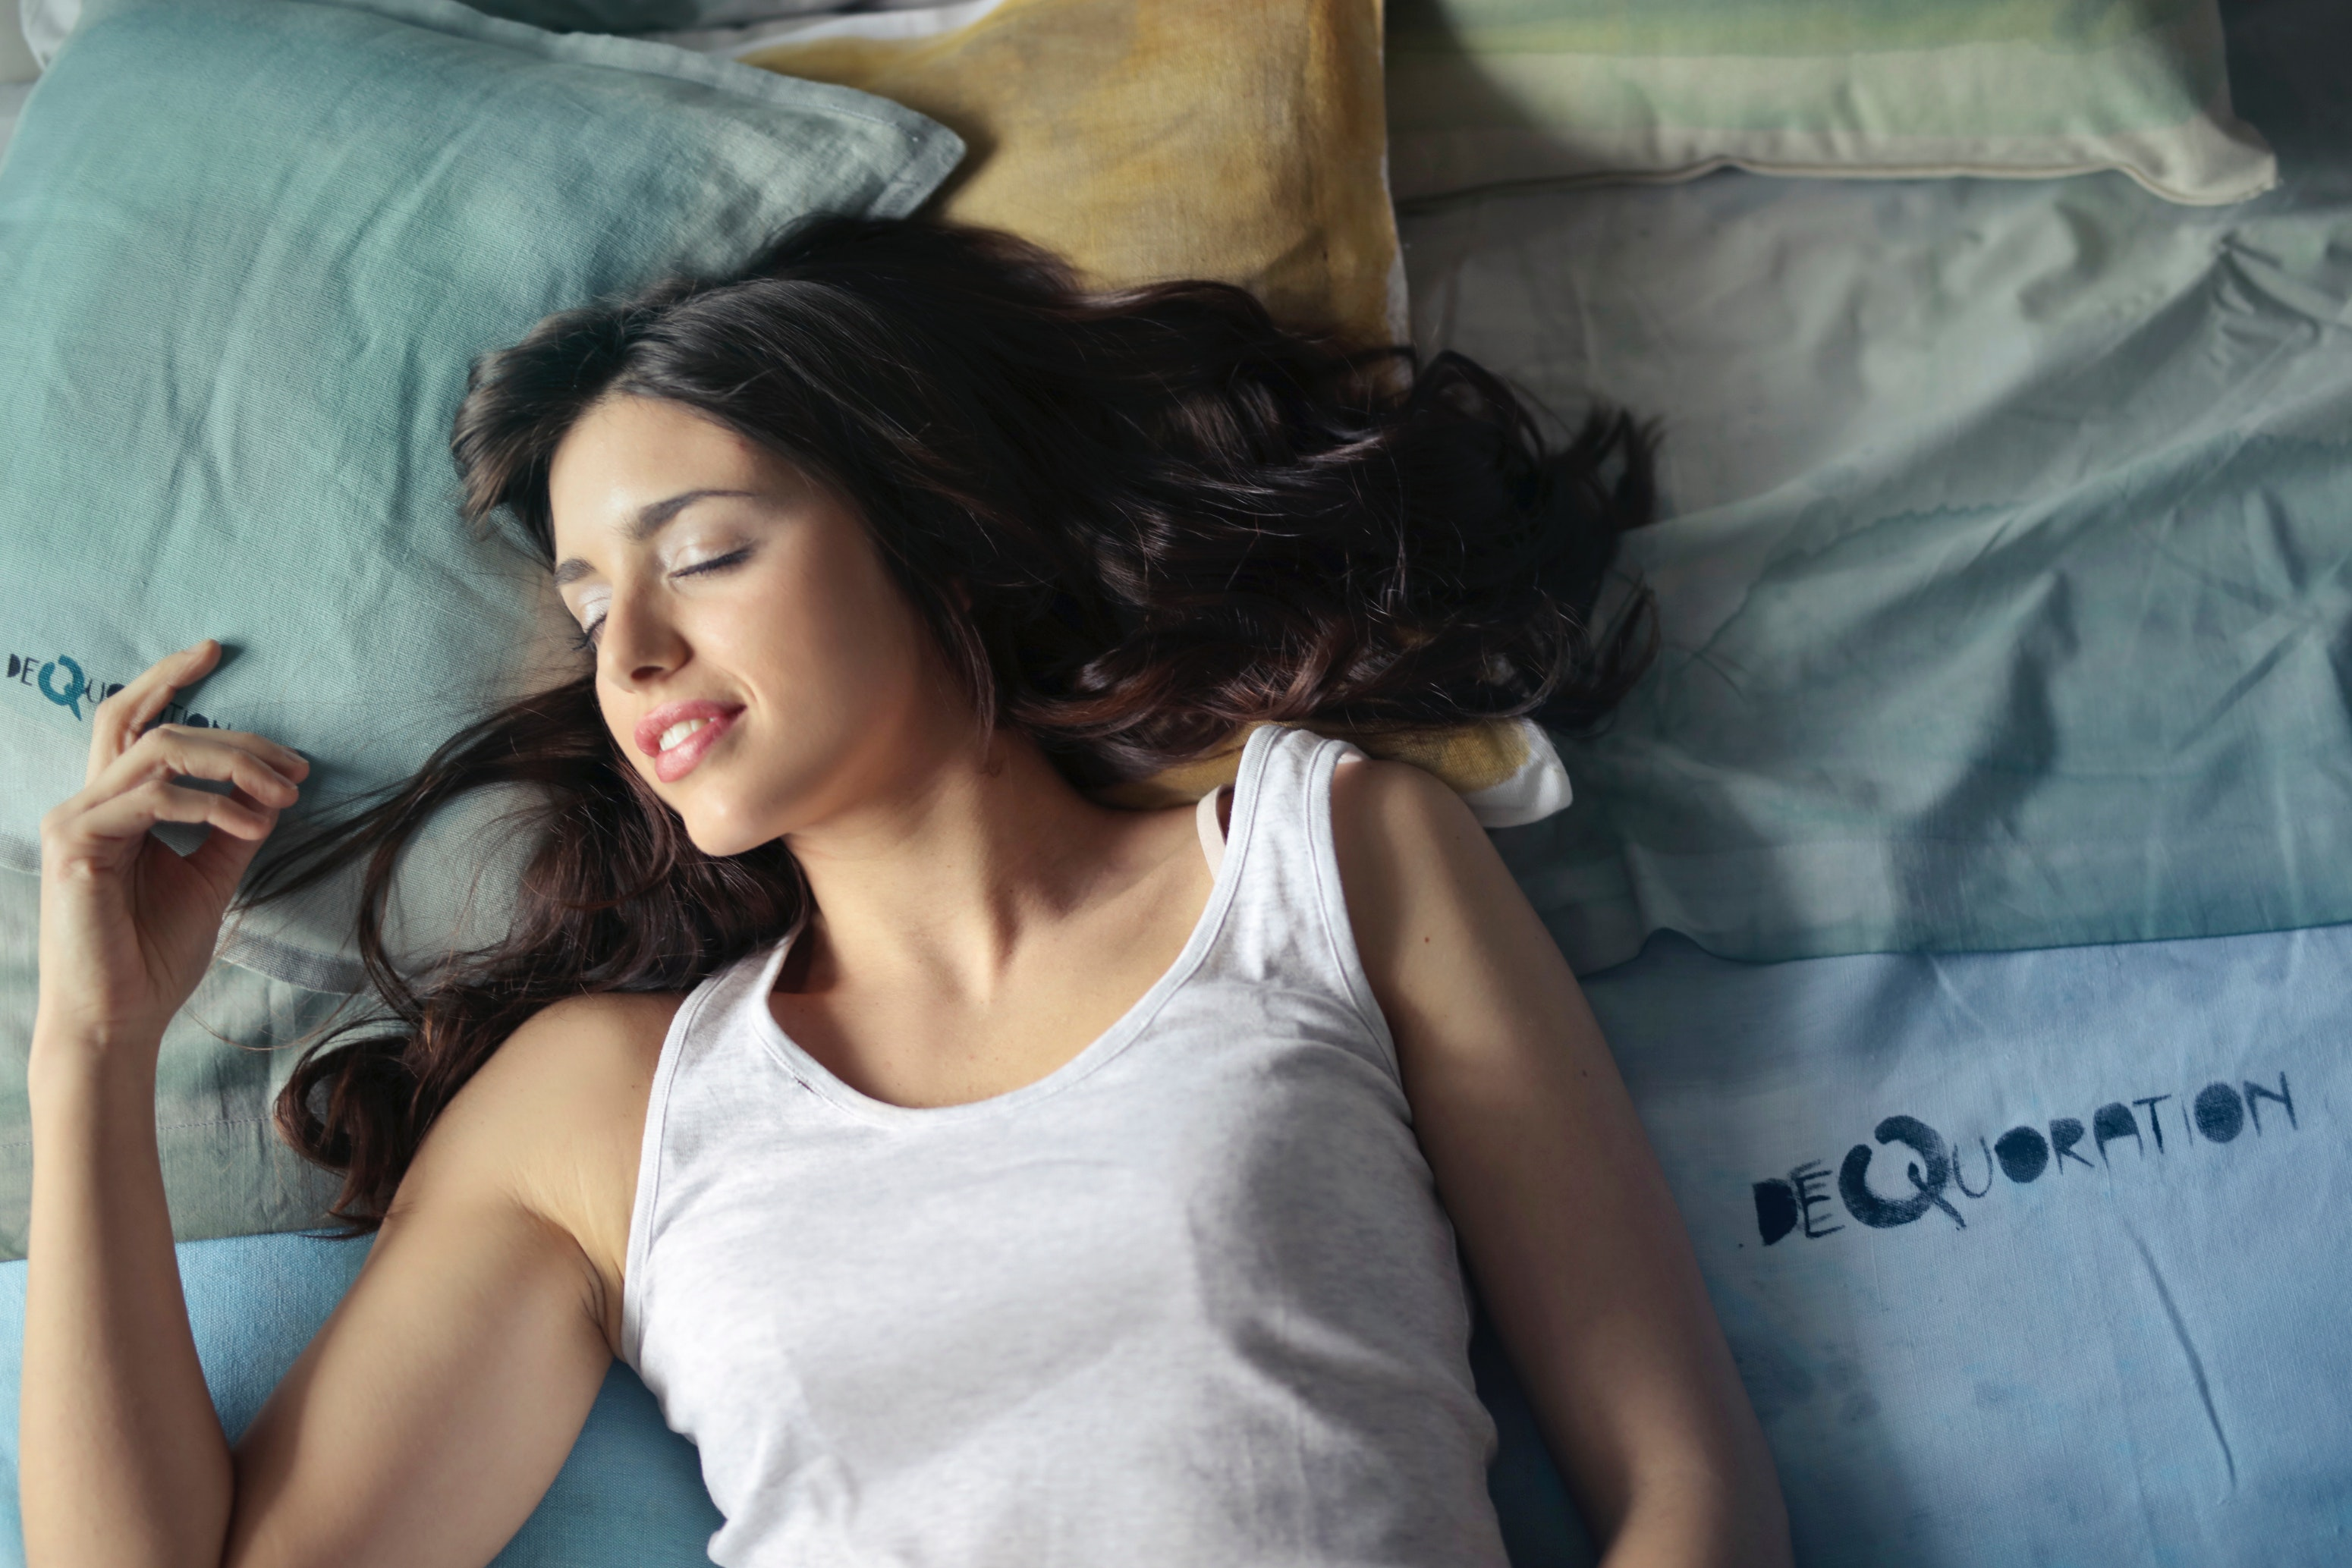 लवकर गाढ झोप येण्यासाठी घरगुती आयुर्वेदिक उपाय